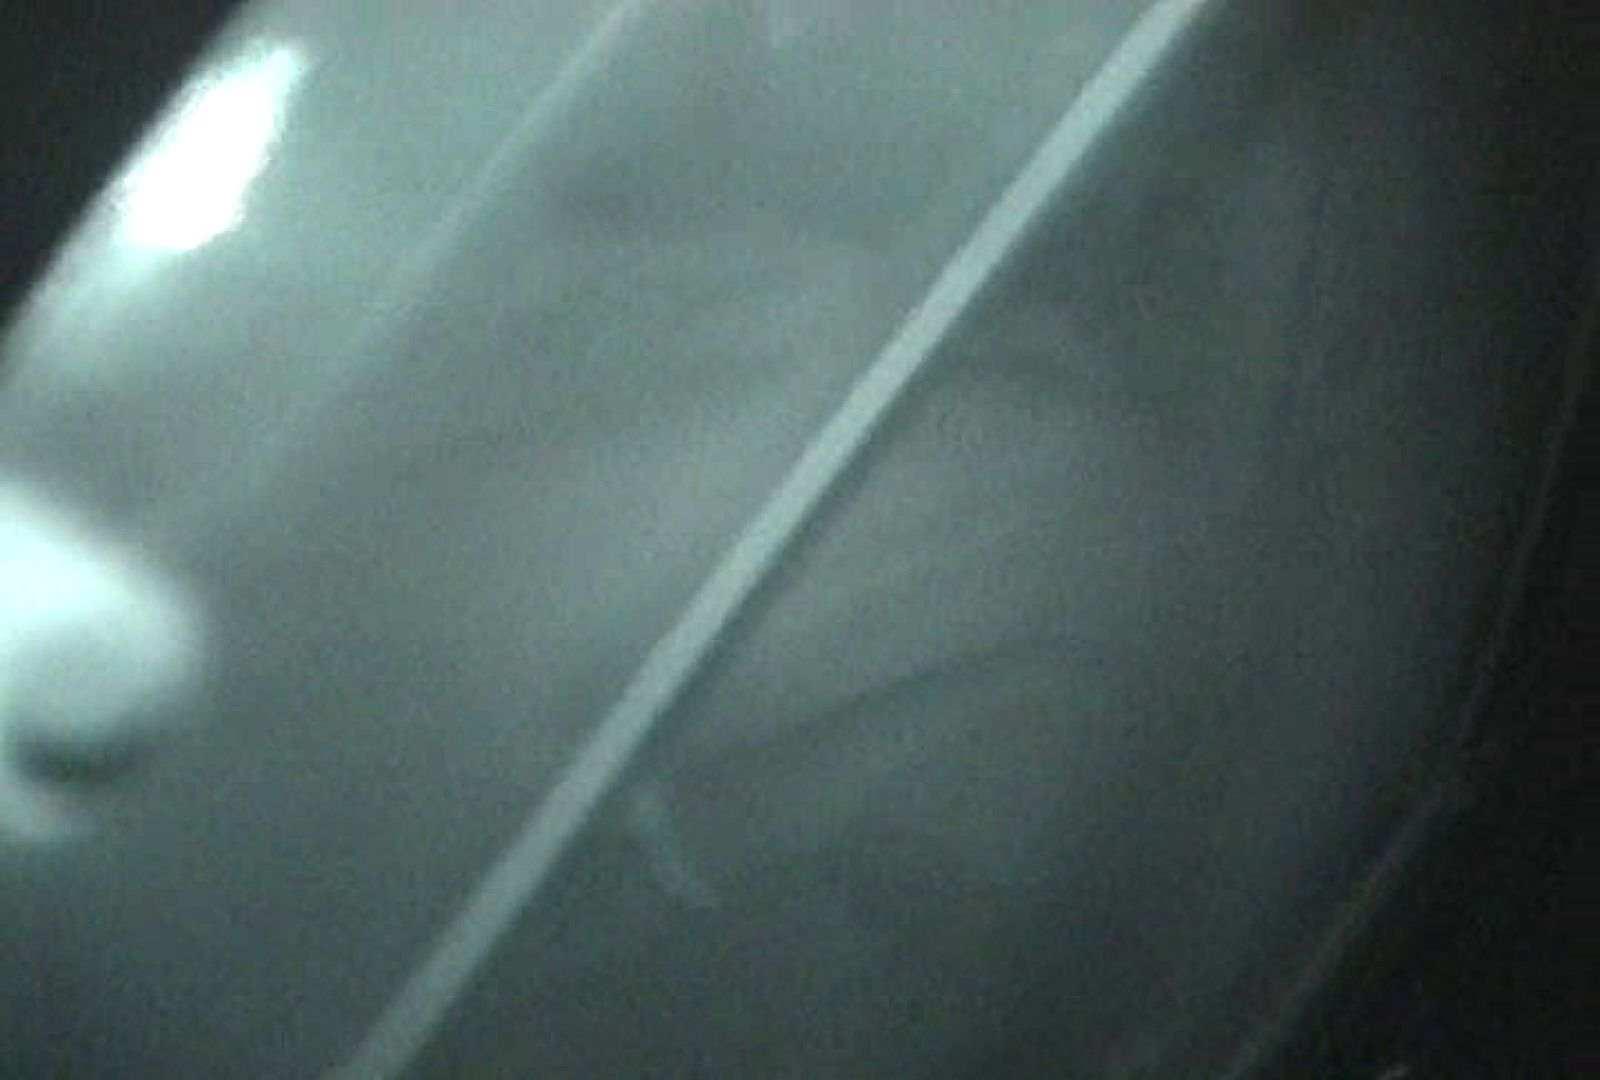 充血監督の深夜の運動会Vol.45 ロータープレイ | カーセックス  89pic 20